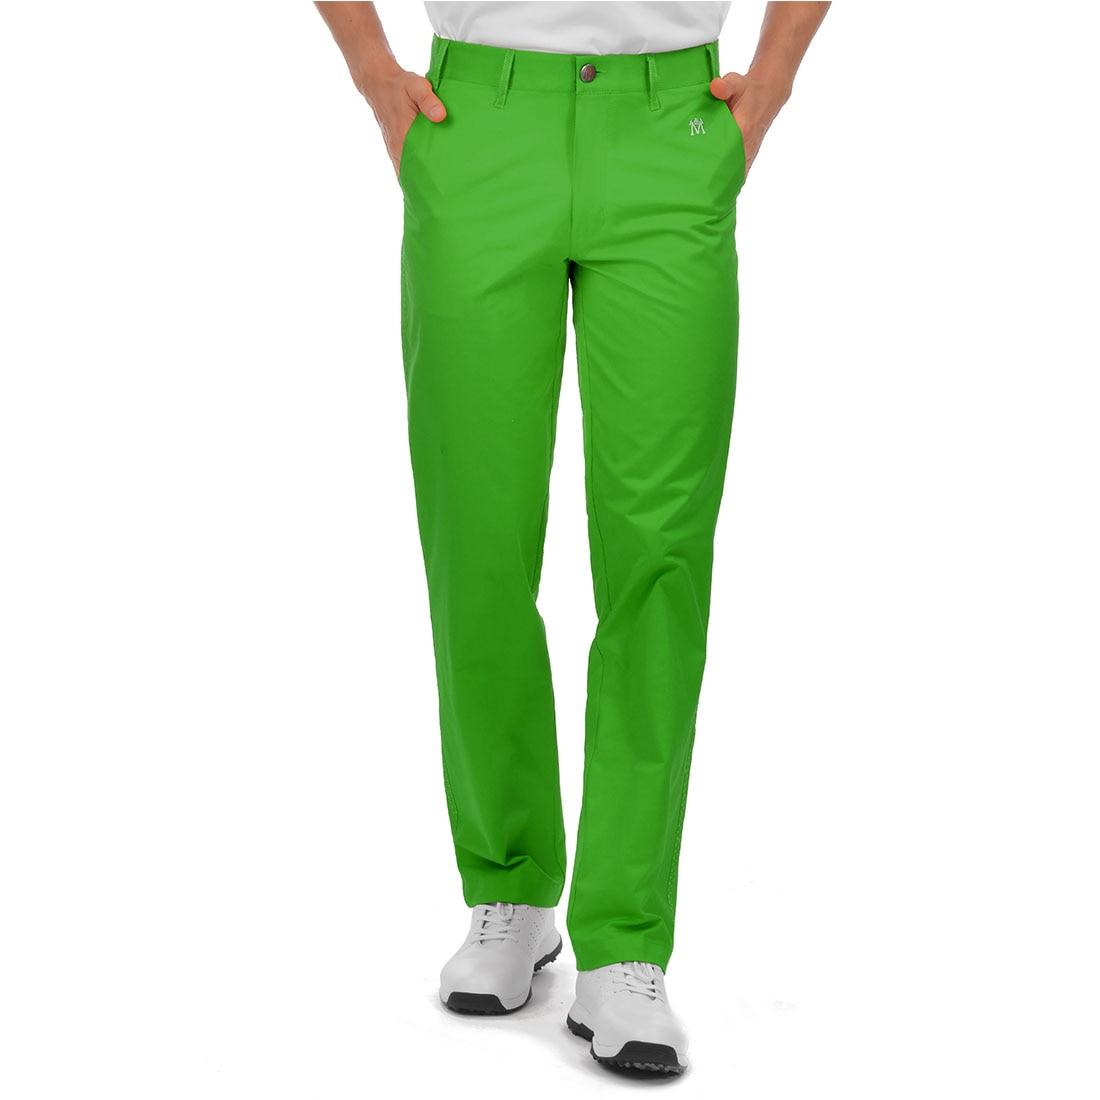 الرجال الغولف السراويل Lesmart الجافة تناسب تنفس تشينو السراويل مرونة الترفيه عادية لينة الرياضة السراويل الطويلة لربيع وصيف